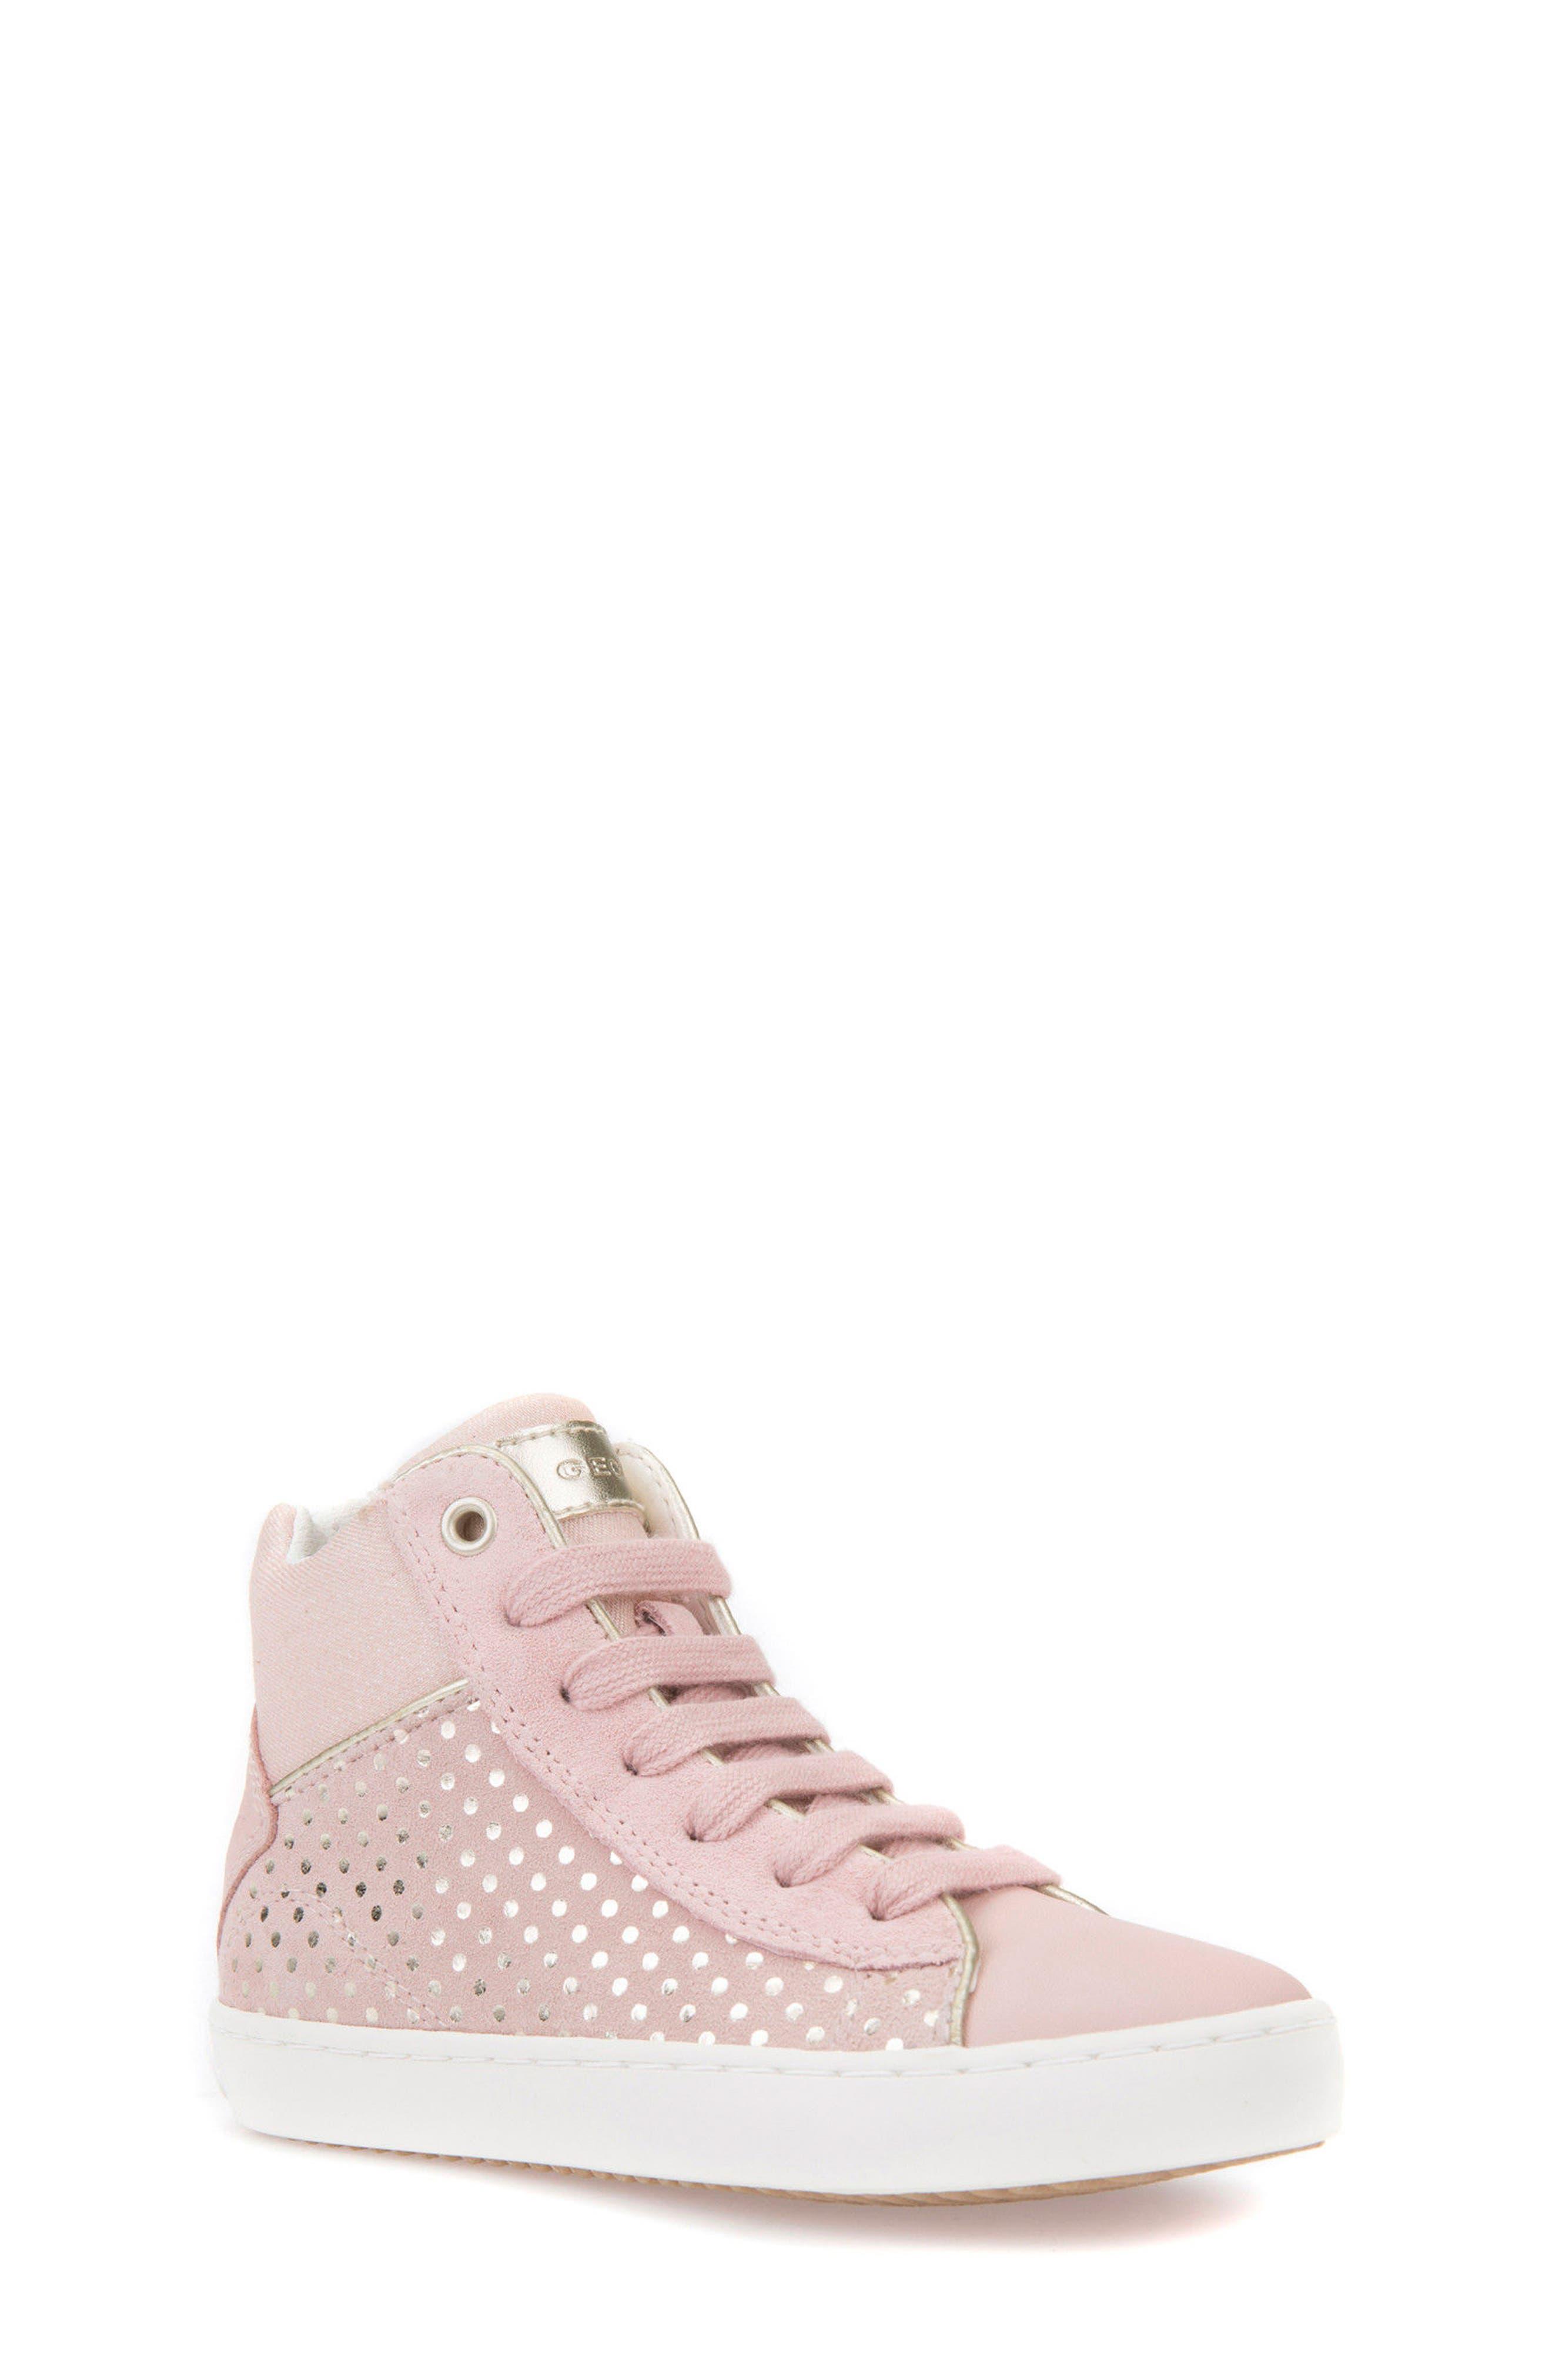 Kilwi High Top Zip Sneaker,                         Main,                         color, Rose